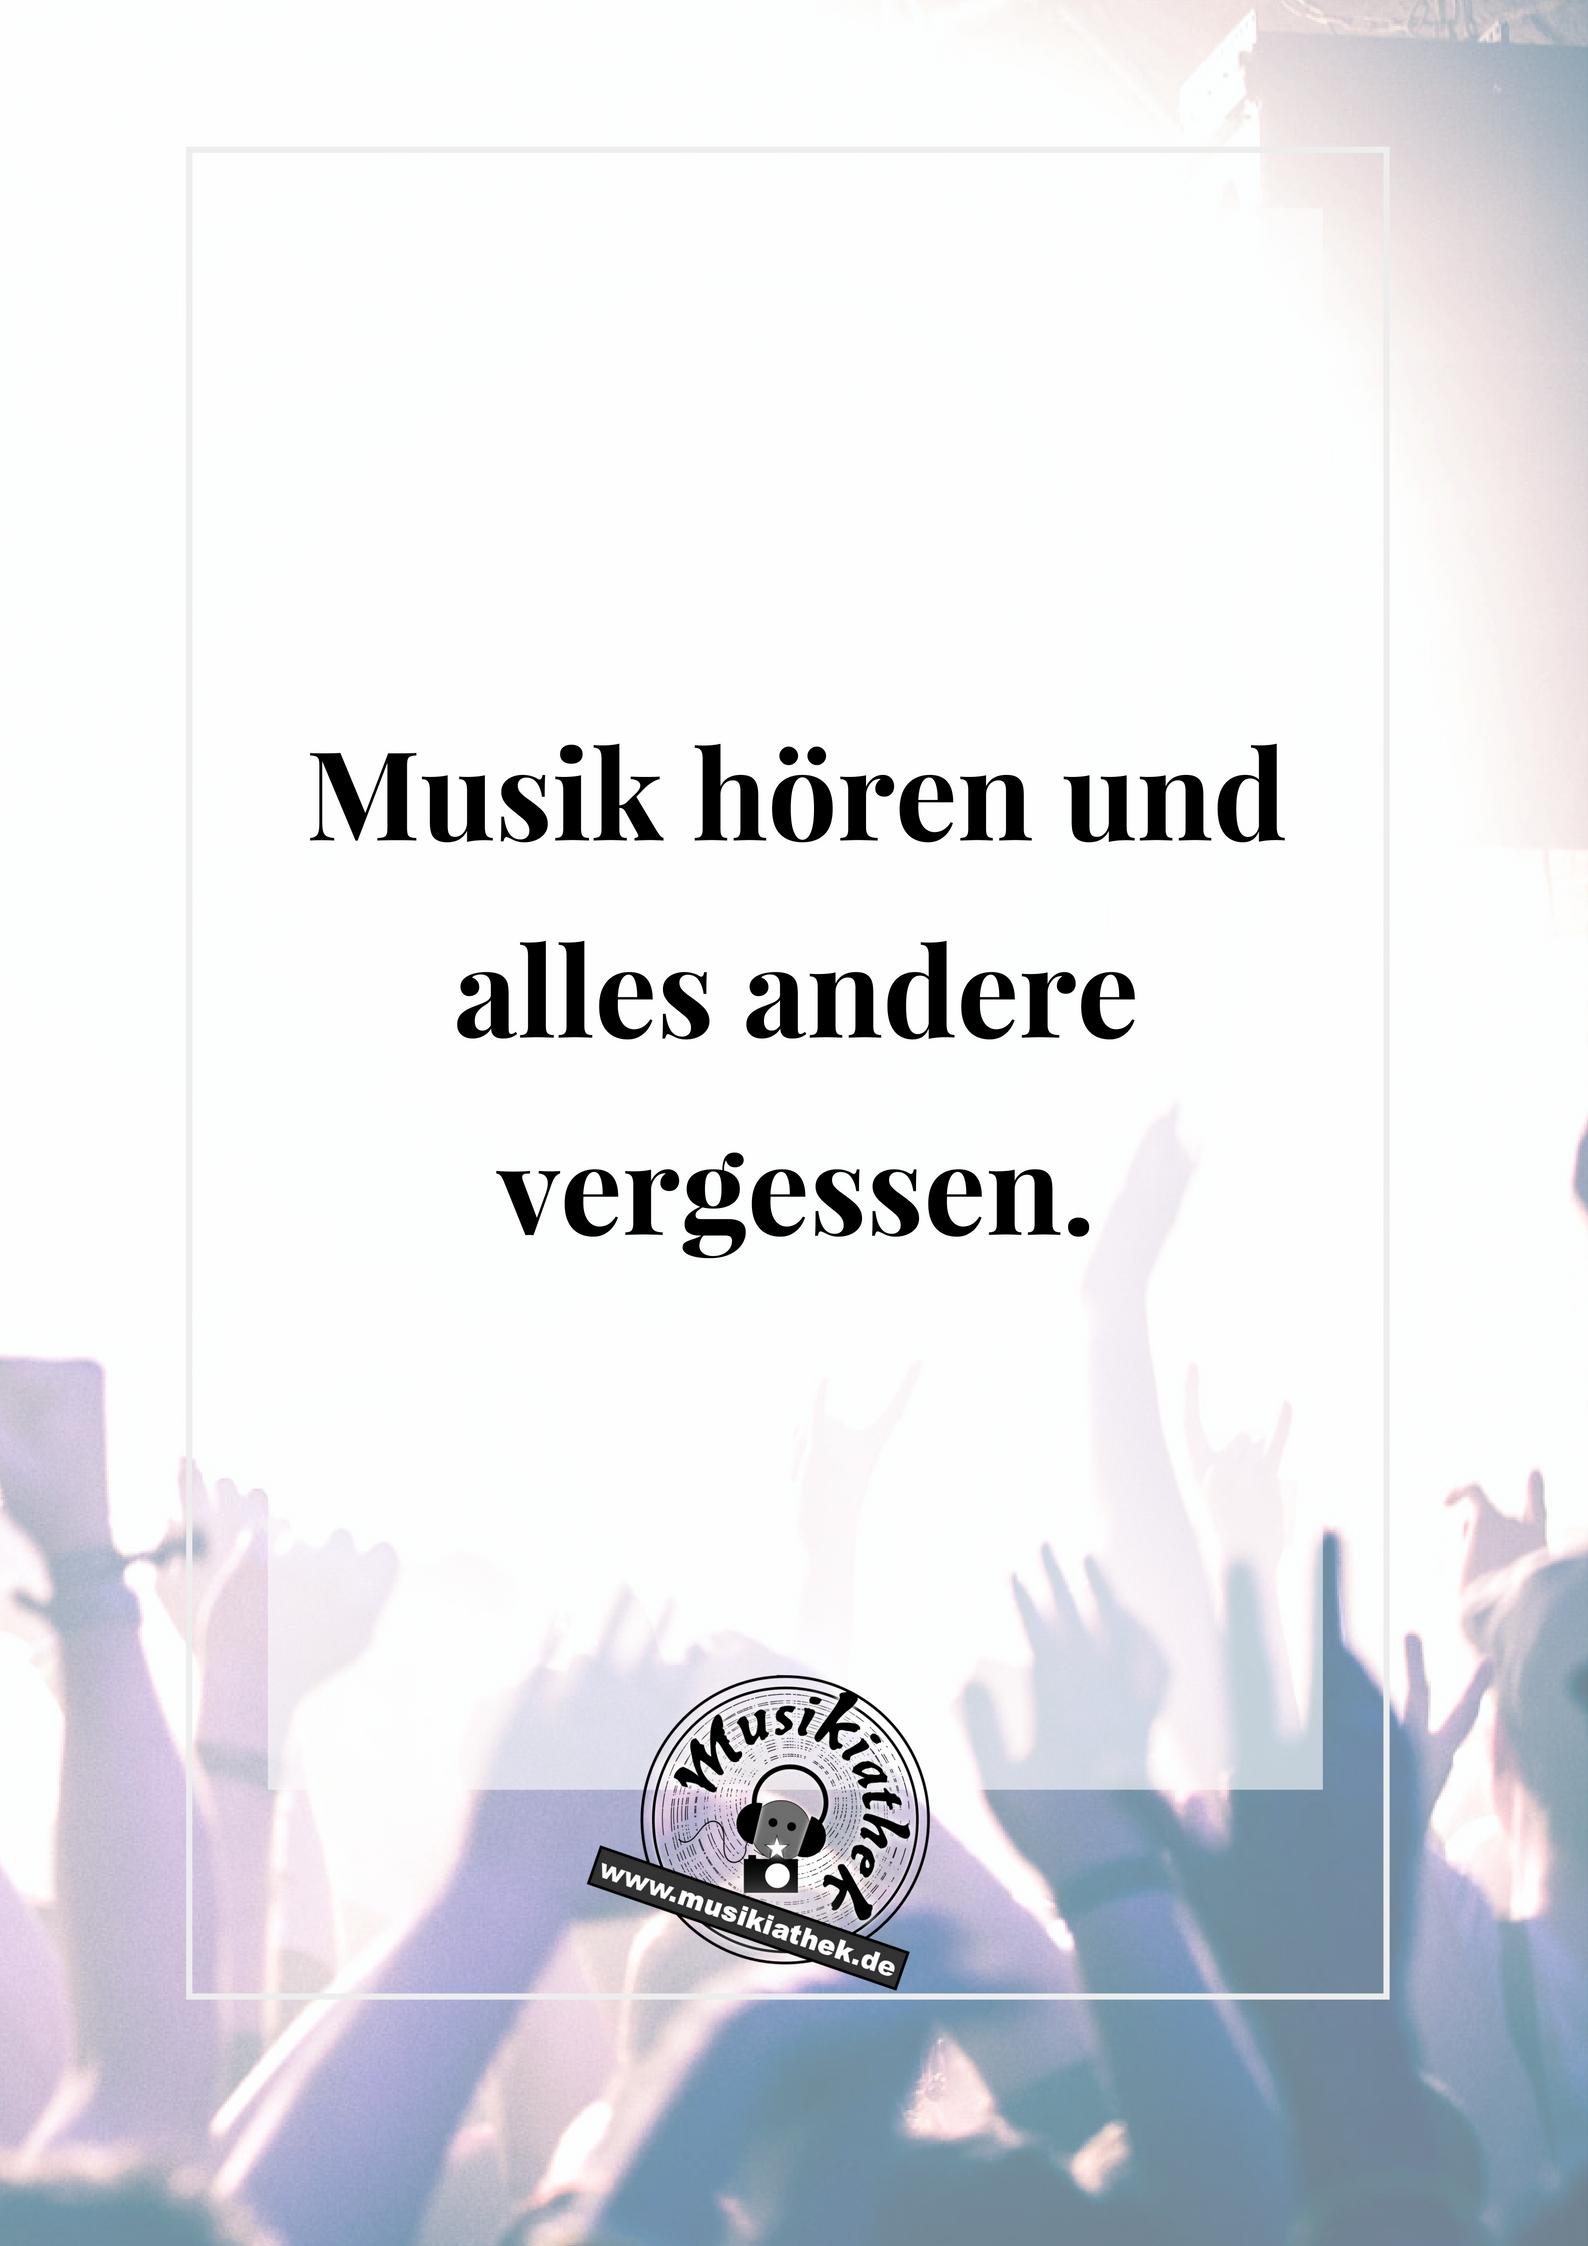 sprüche mit musik 🎵 Die TOP 7 Musik Sprüche – Teil 3 › Musikiathek sprüche mit musik